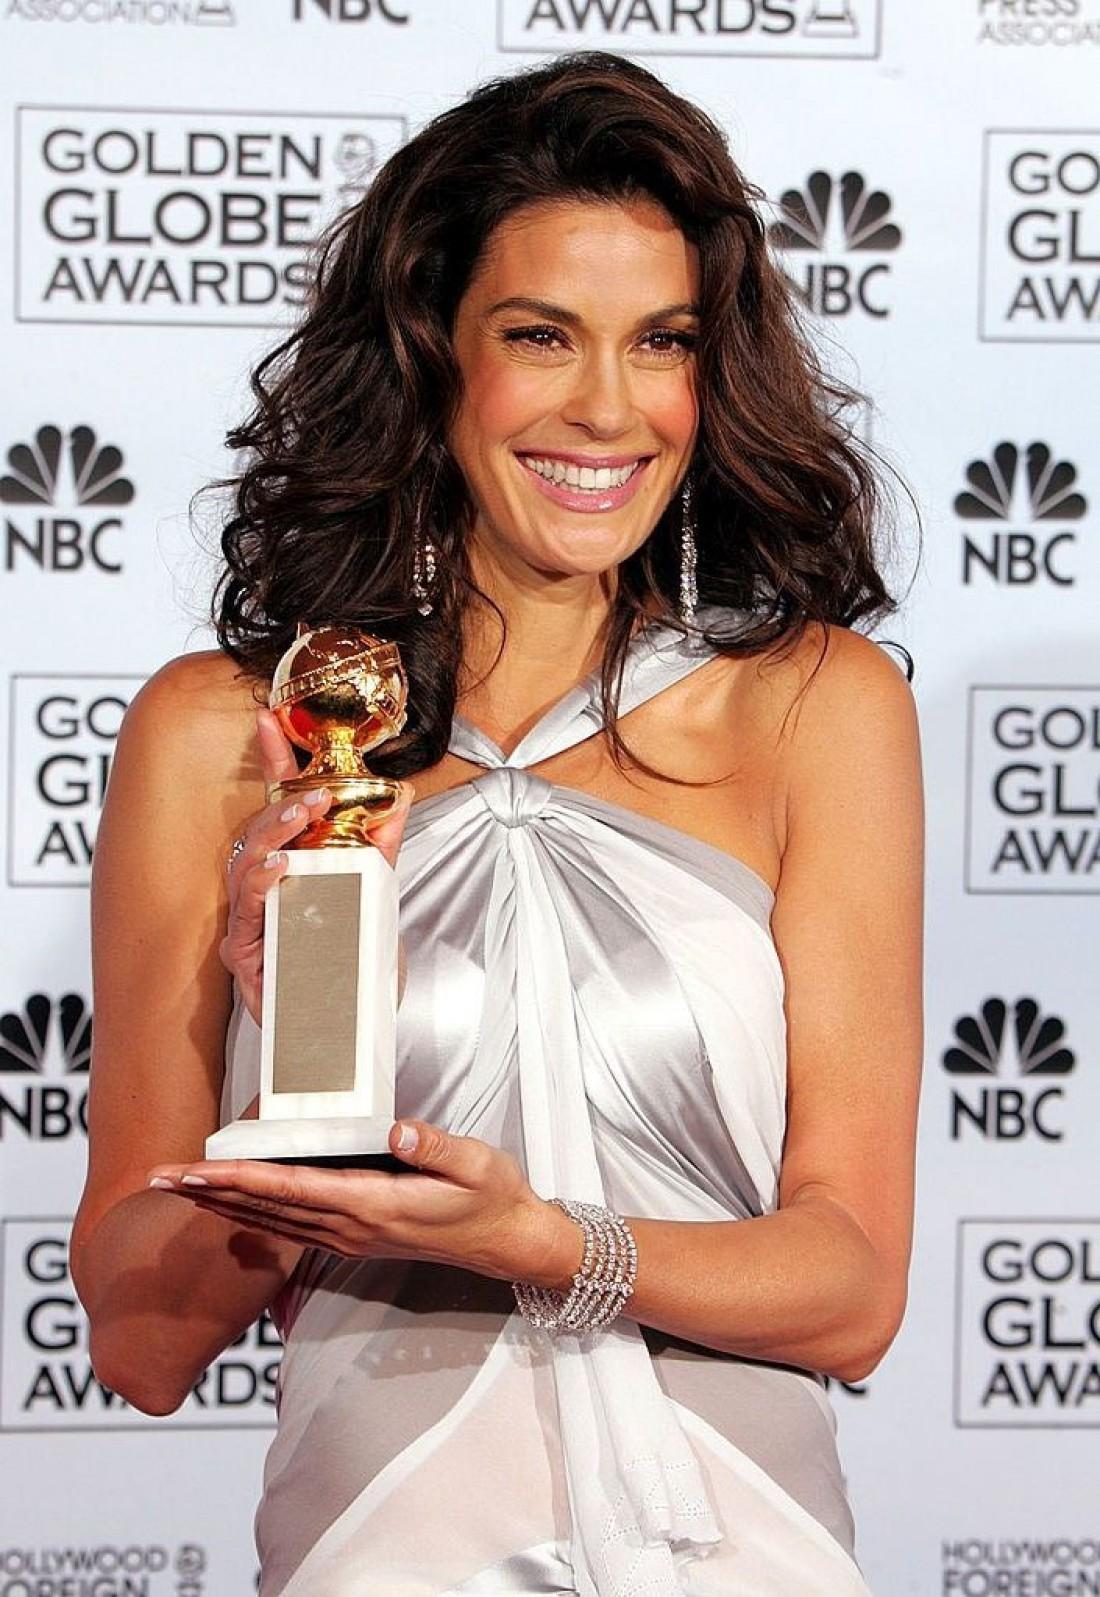 В 2005 году звезда получила Золотой глобус за роль Сьюзан Майер